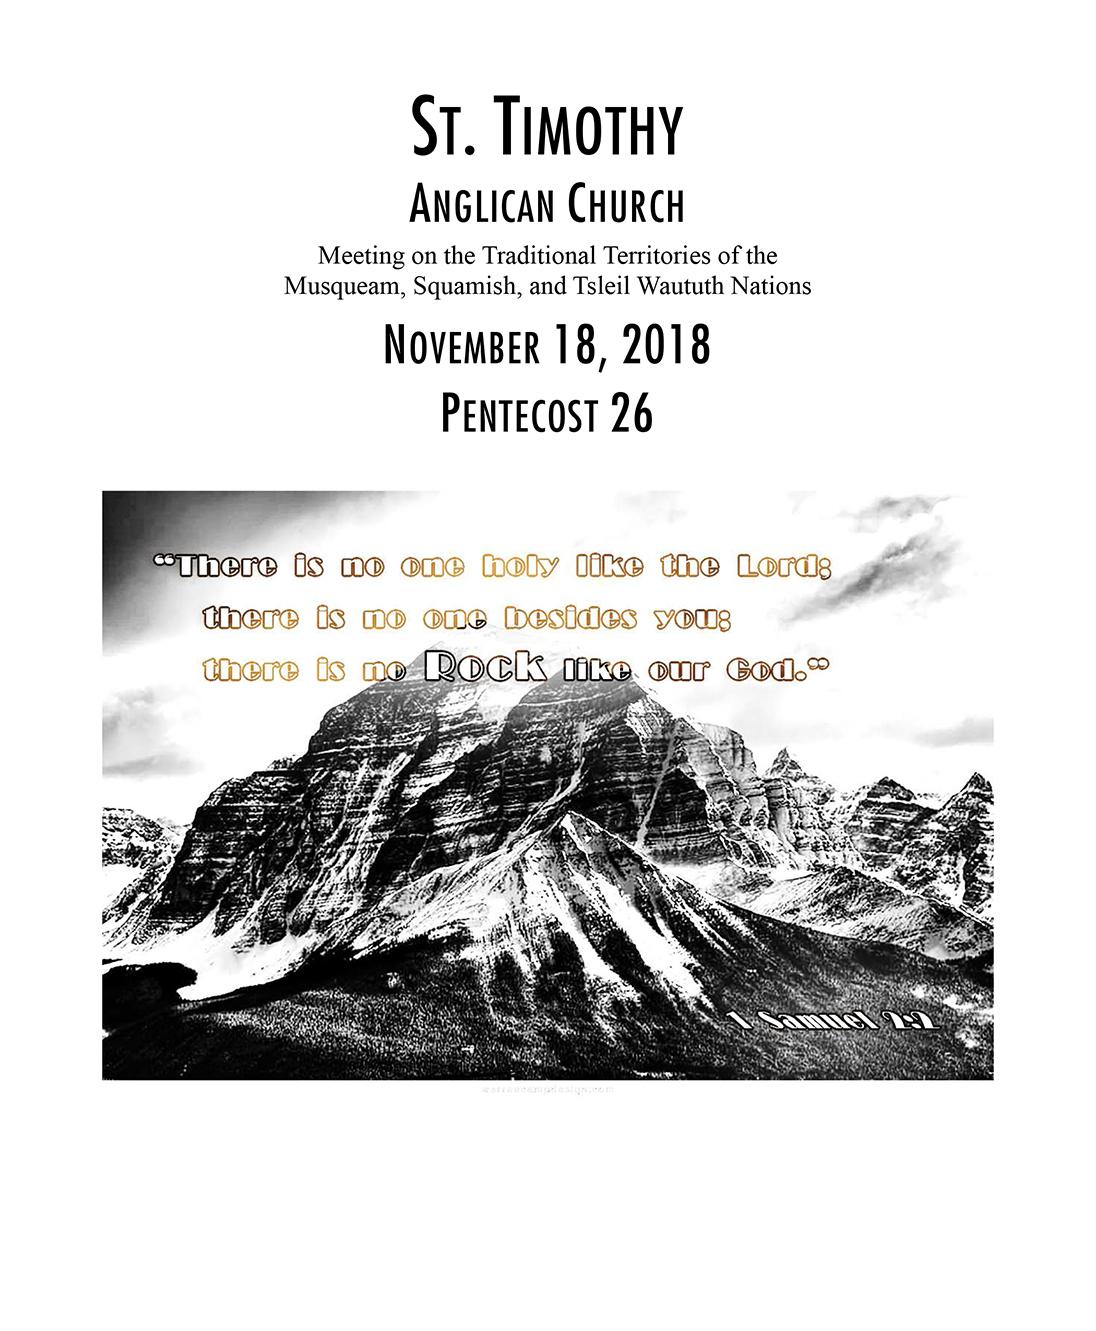 Bulletin: November 18, 2018